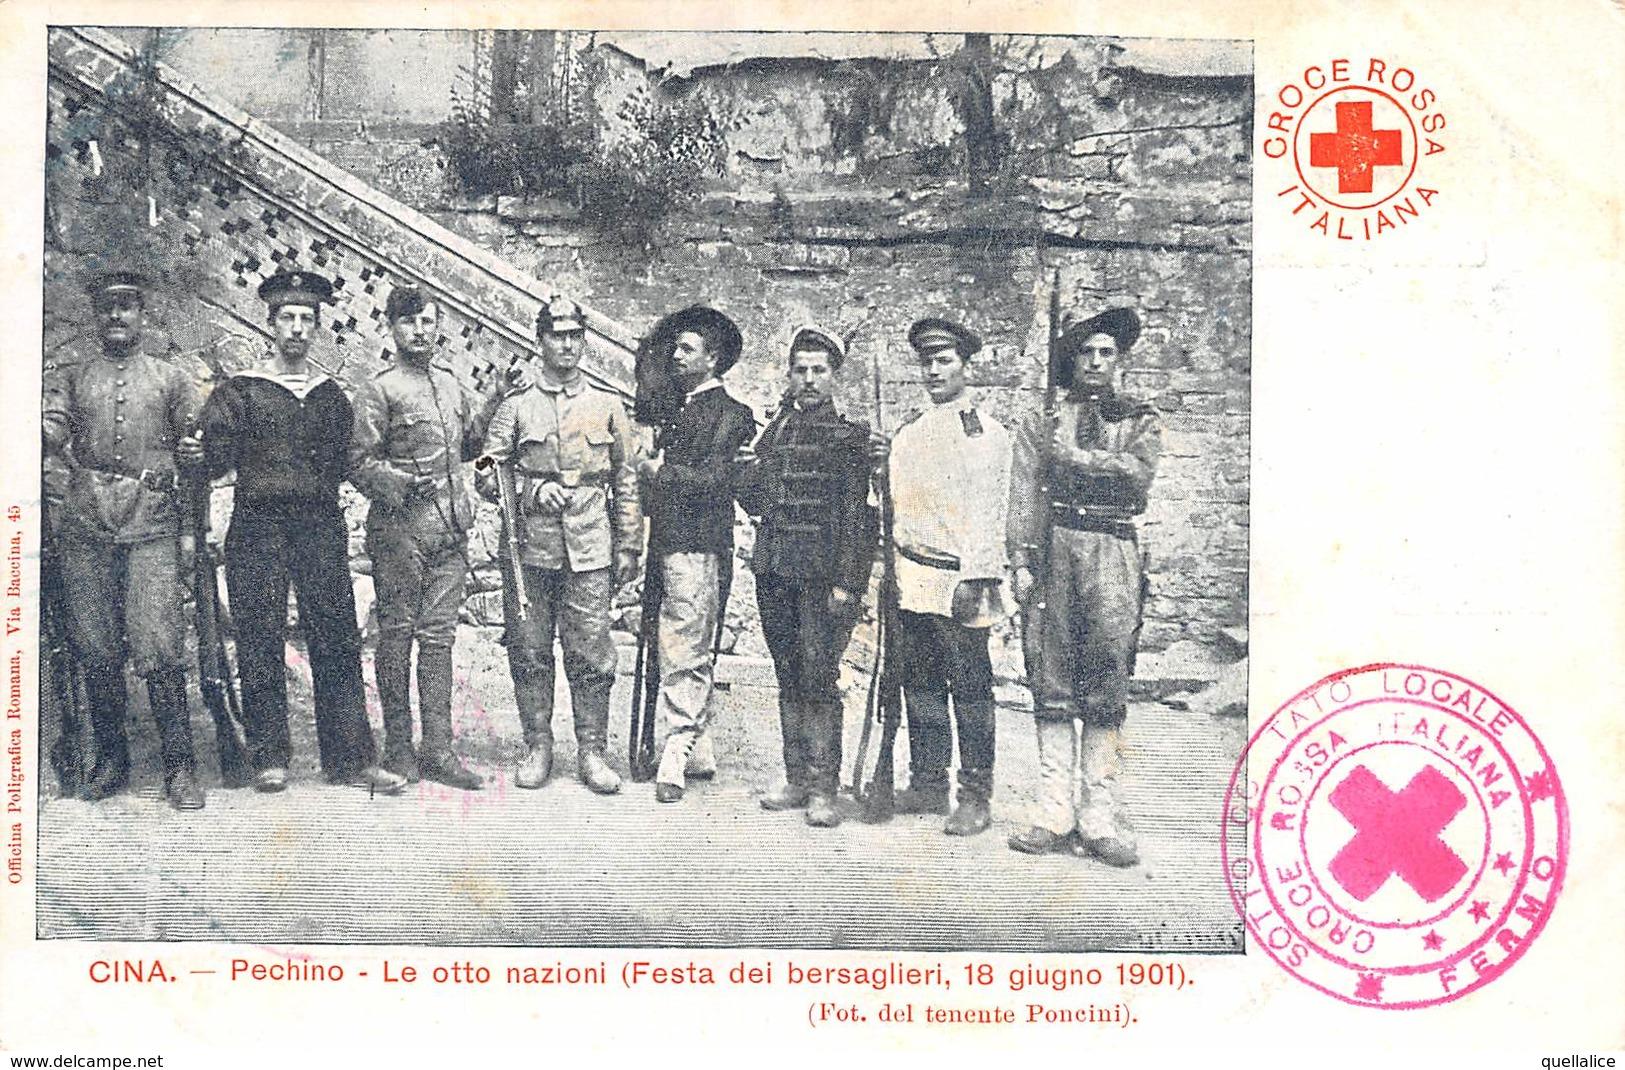 """0822 """"CINA - PECHINO-LE OTTO NAZIONI-FESTA DEI BERSAGLIERI-18/6/1901 - CROCE ROSSA - FOTO TENENTE PONCINI"""" CART NON SPED - Chine"""